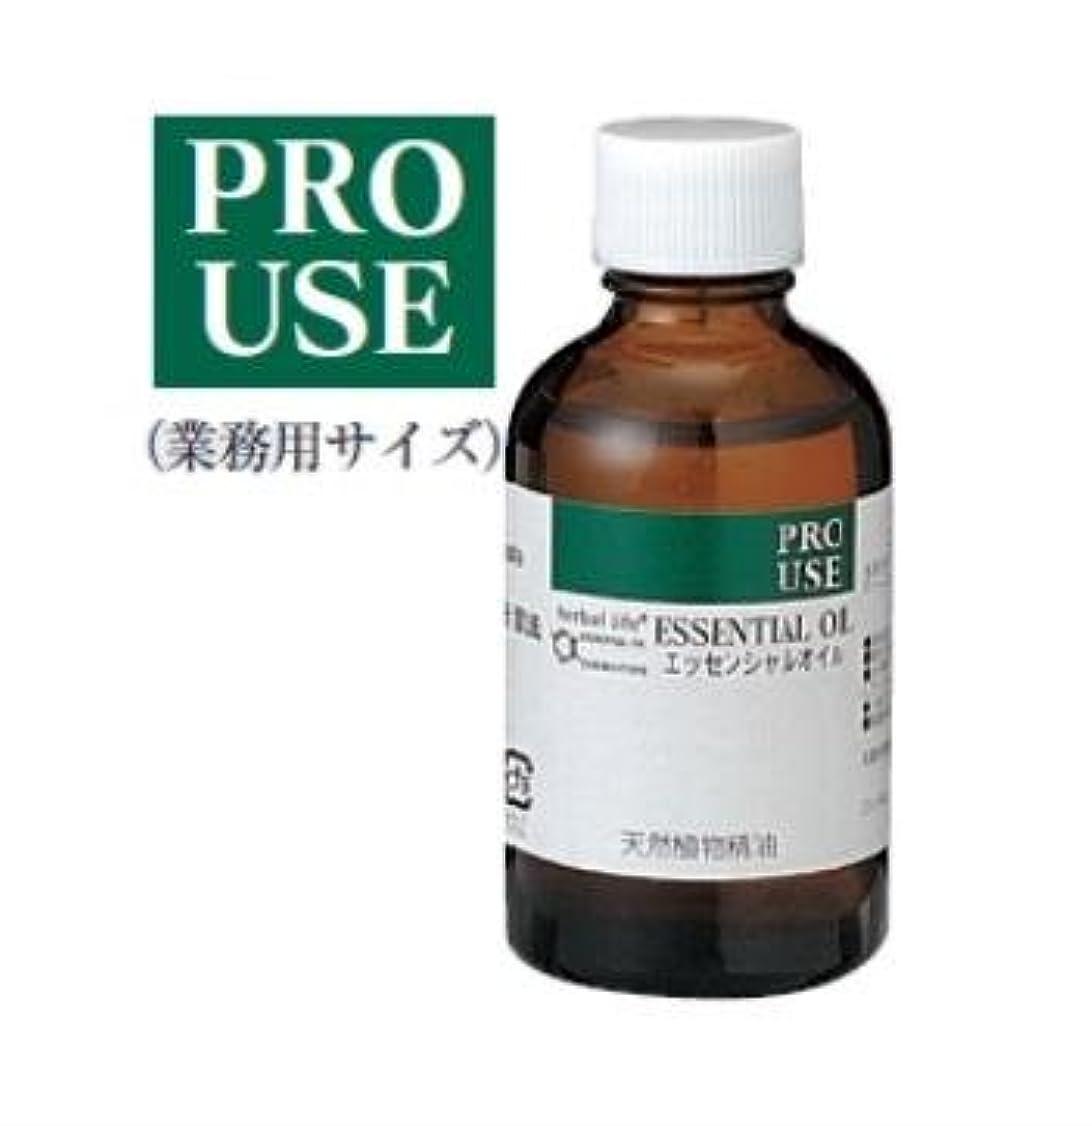 透けるトレイル飲料生活の木 エッセンシャルオイル ゼラニウム 精油 50ml アロマオイル アロマ